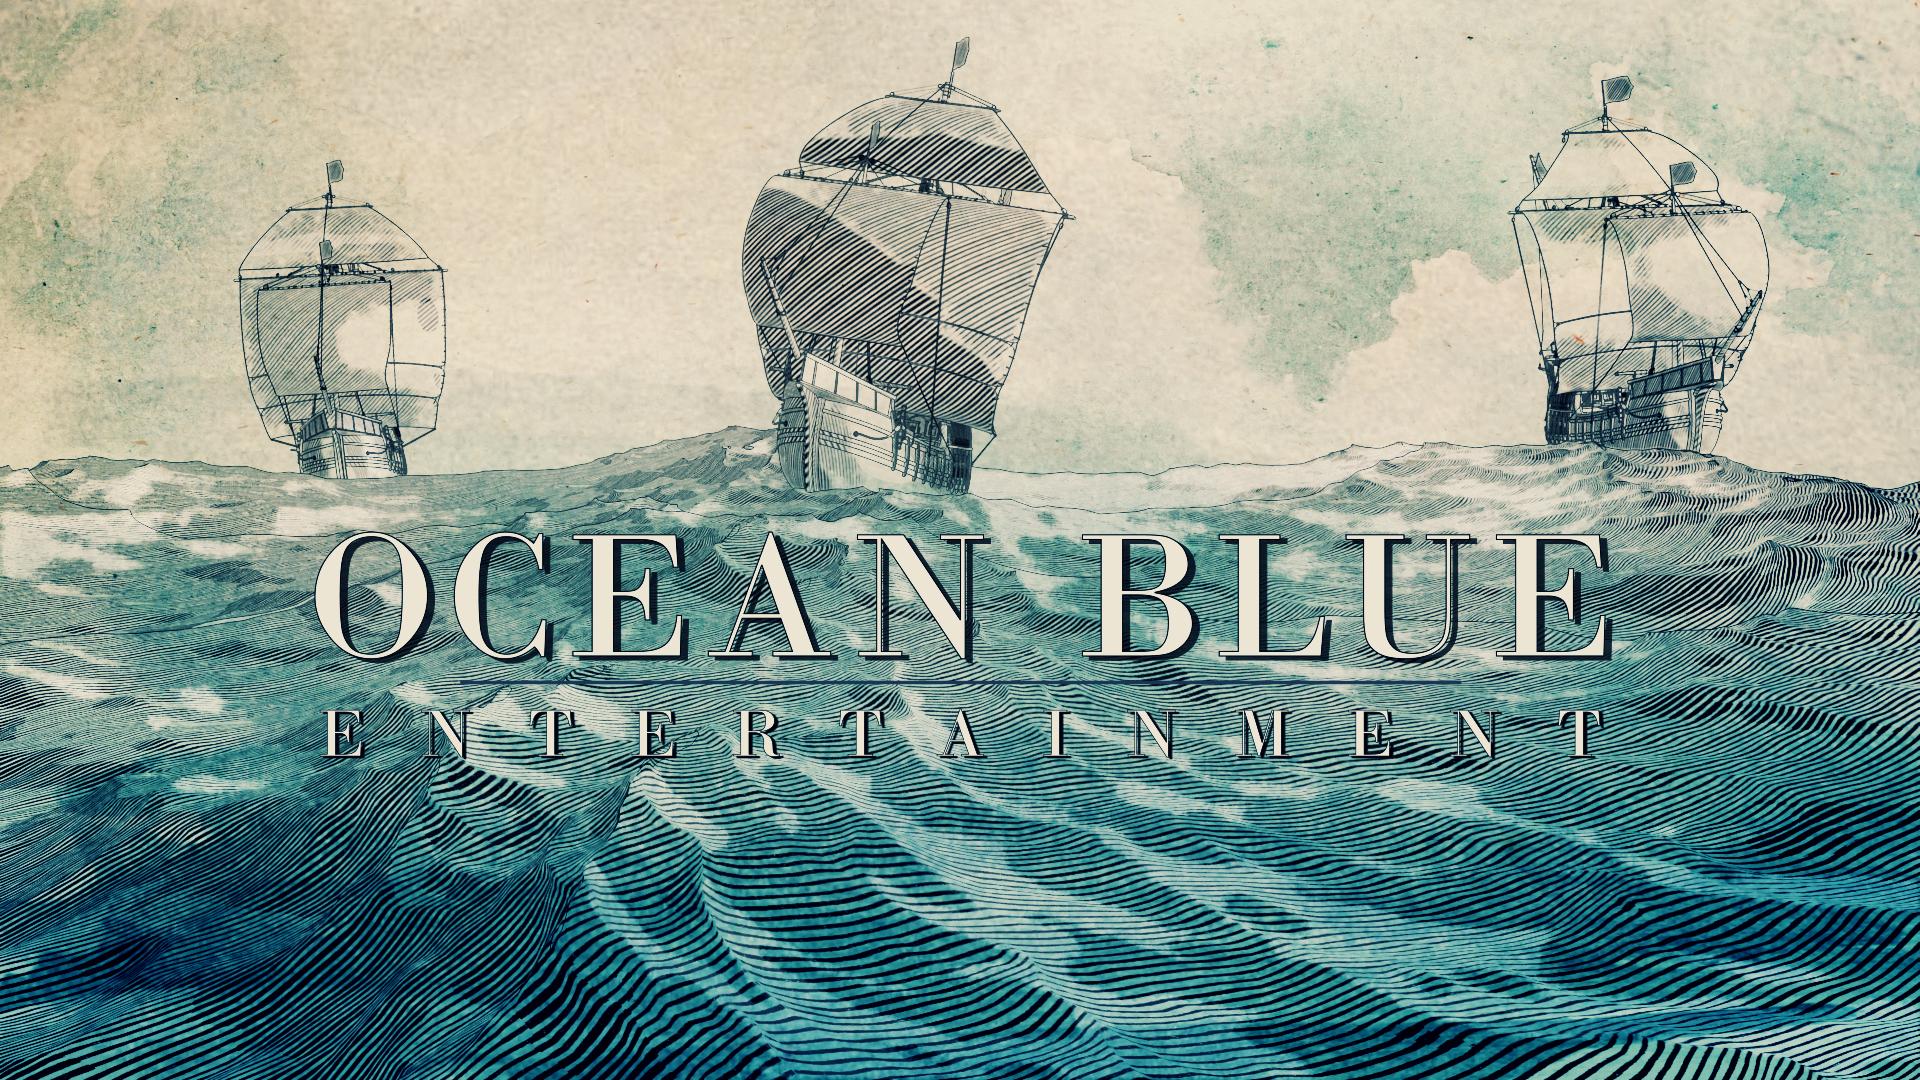 OCEAN_BLUE_BOARDS_AV_03.04.2015_REV_00009